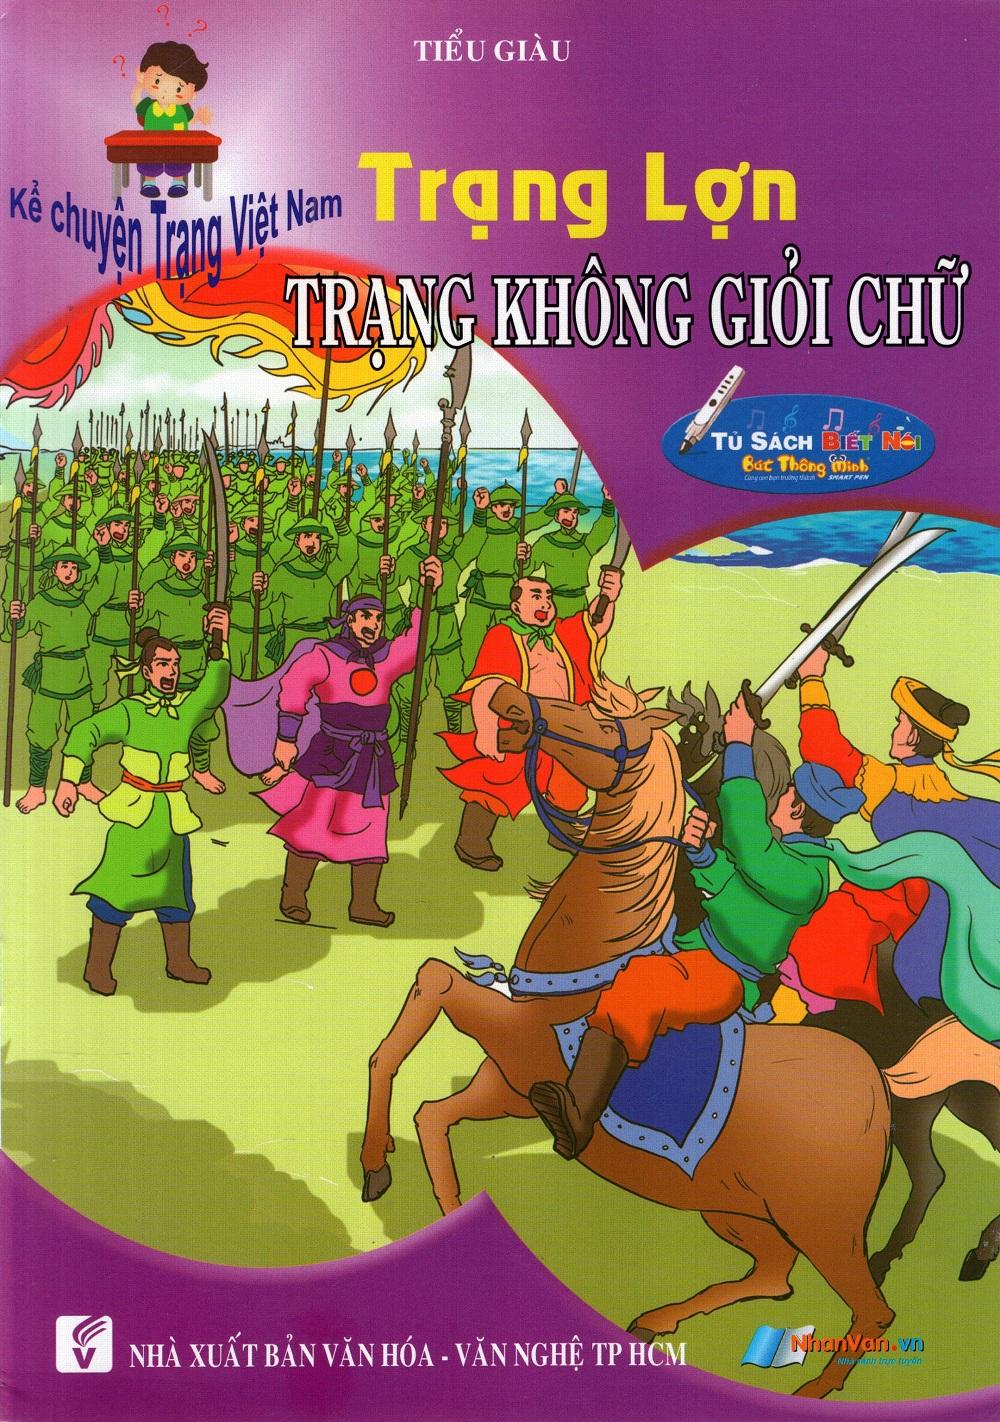 Bìa sách Kể Chuyện Trạng Việt Nam: Trạng Lợn - Trạng Không Giỏi Chữ